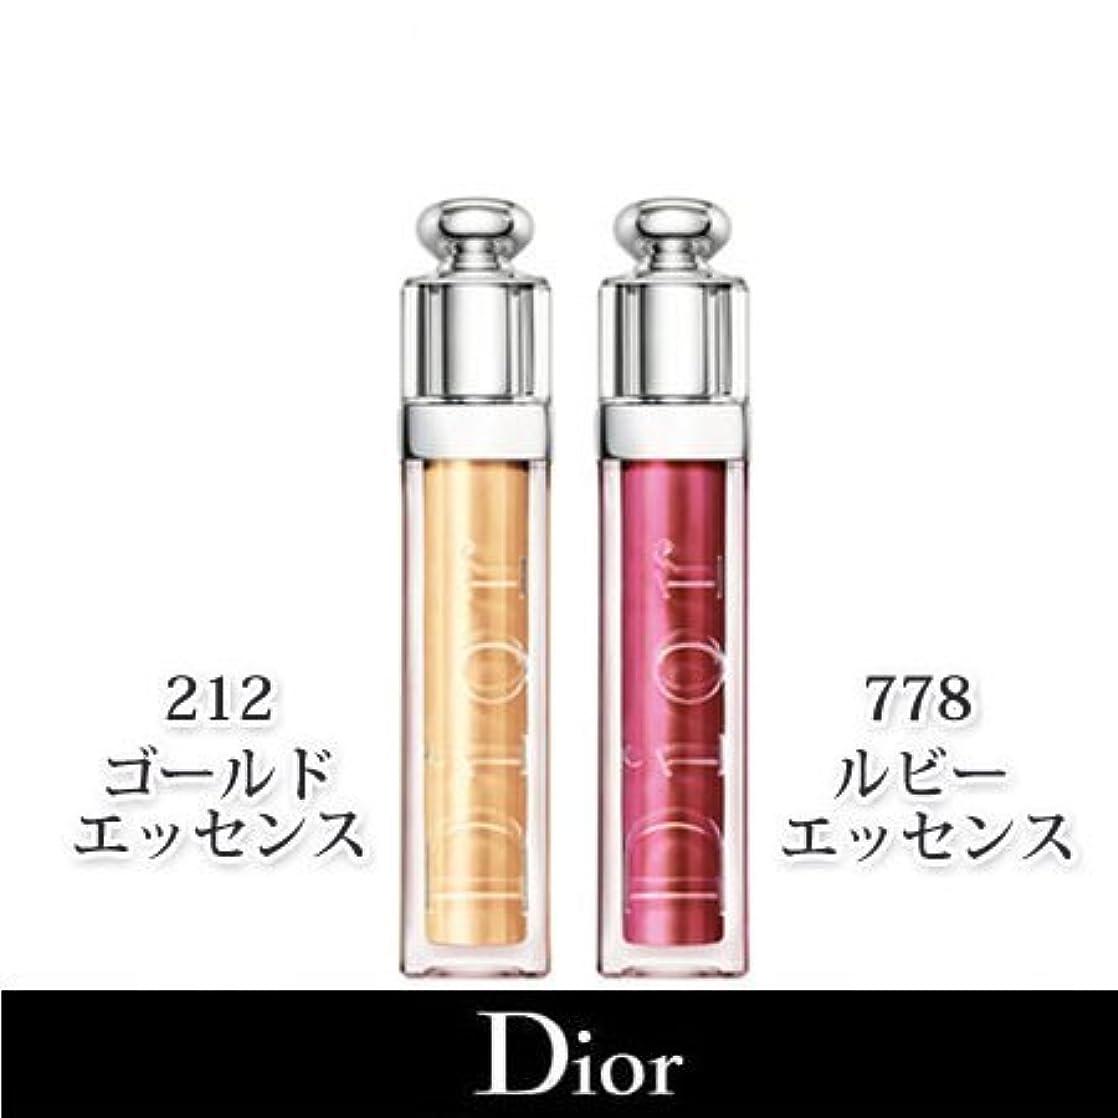 エキスパートスケートパラメータディオール アディクト グロス 限定2色 2017 クリスマス コフレ -Dior- 212:ゴールド エッセンス